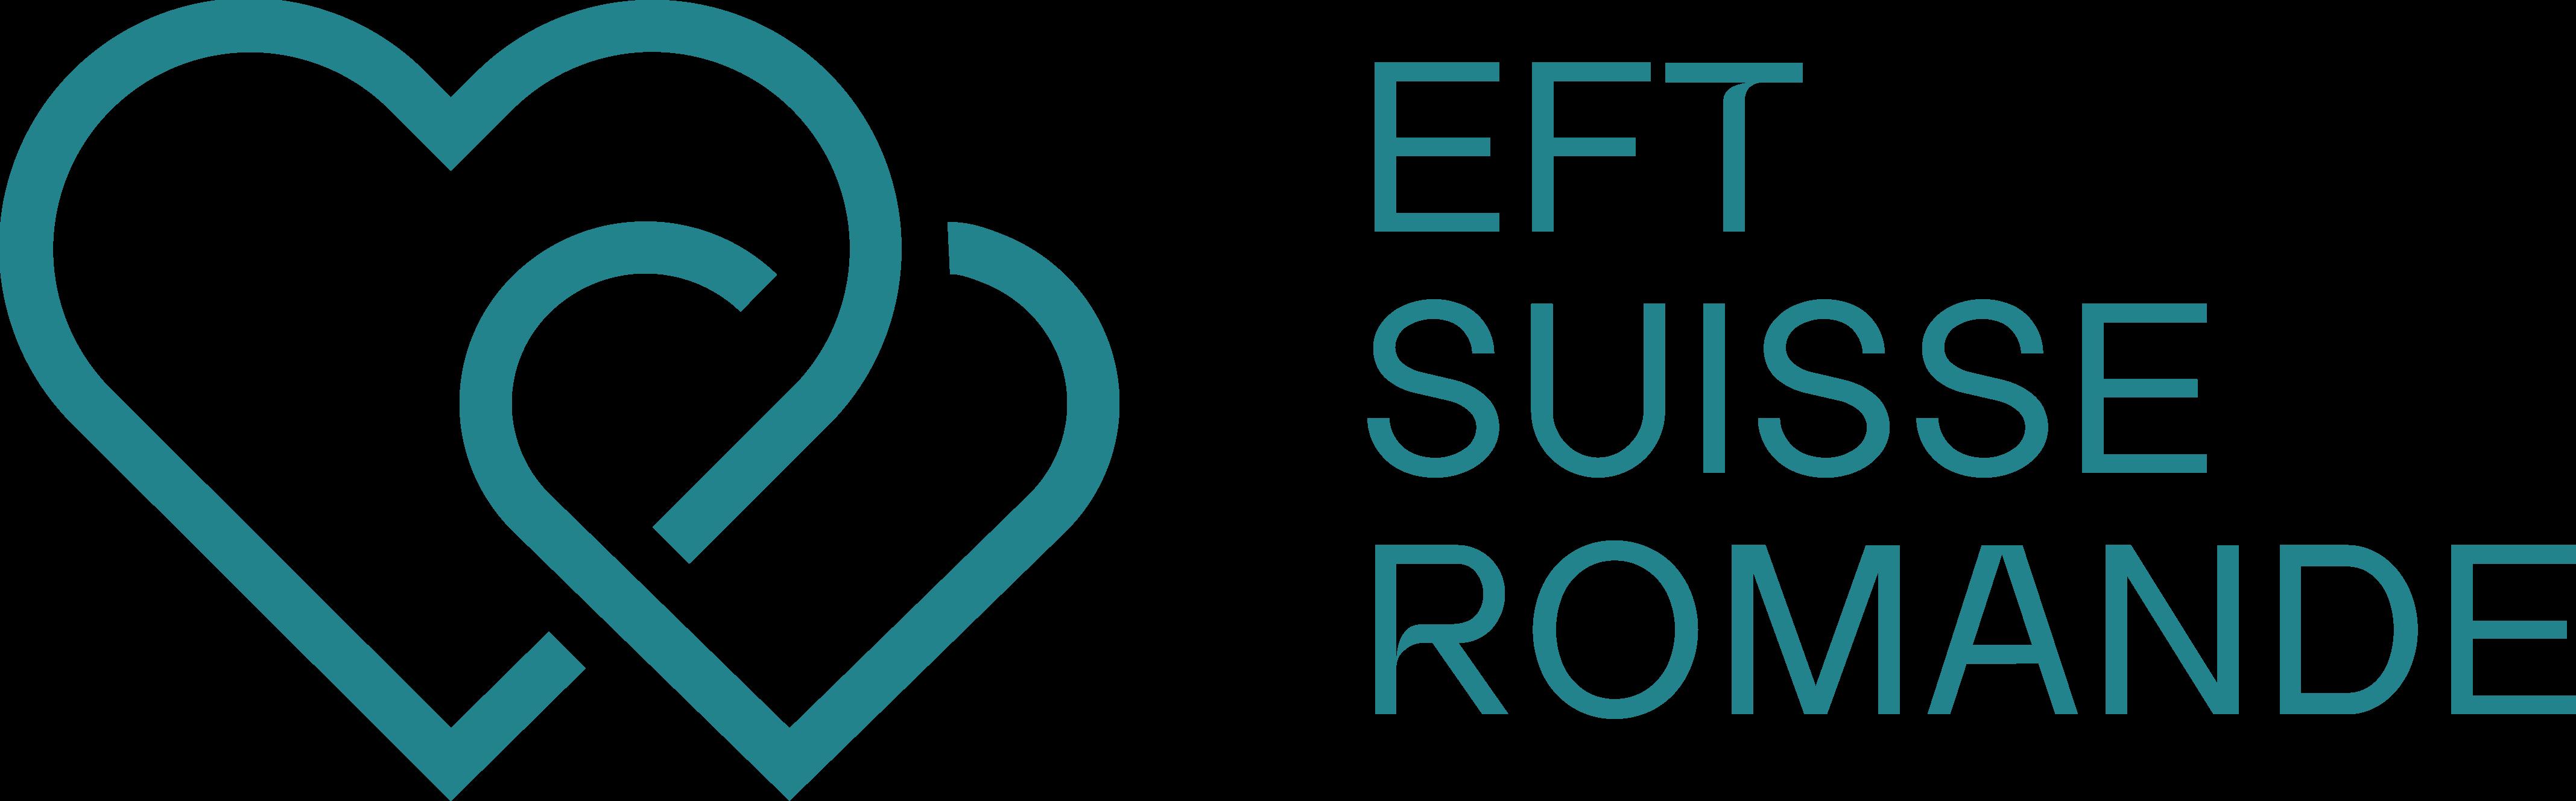 EFT/TCÉ Suisse Romande